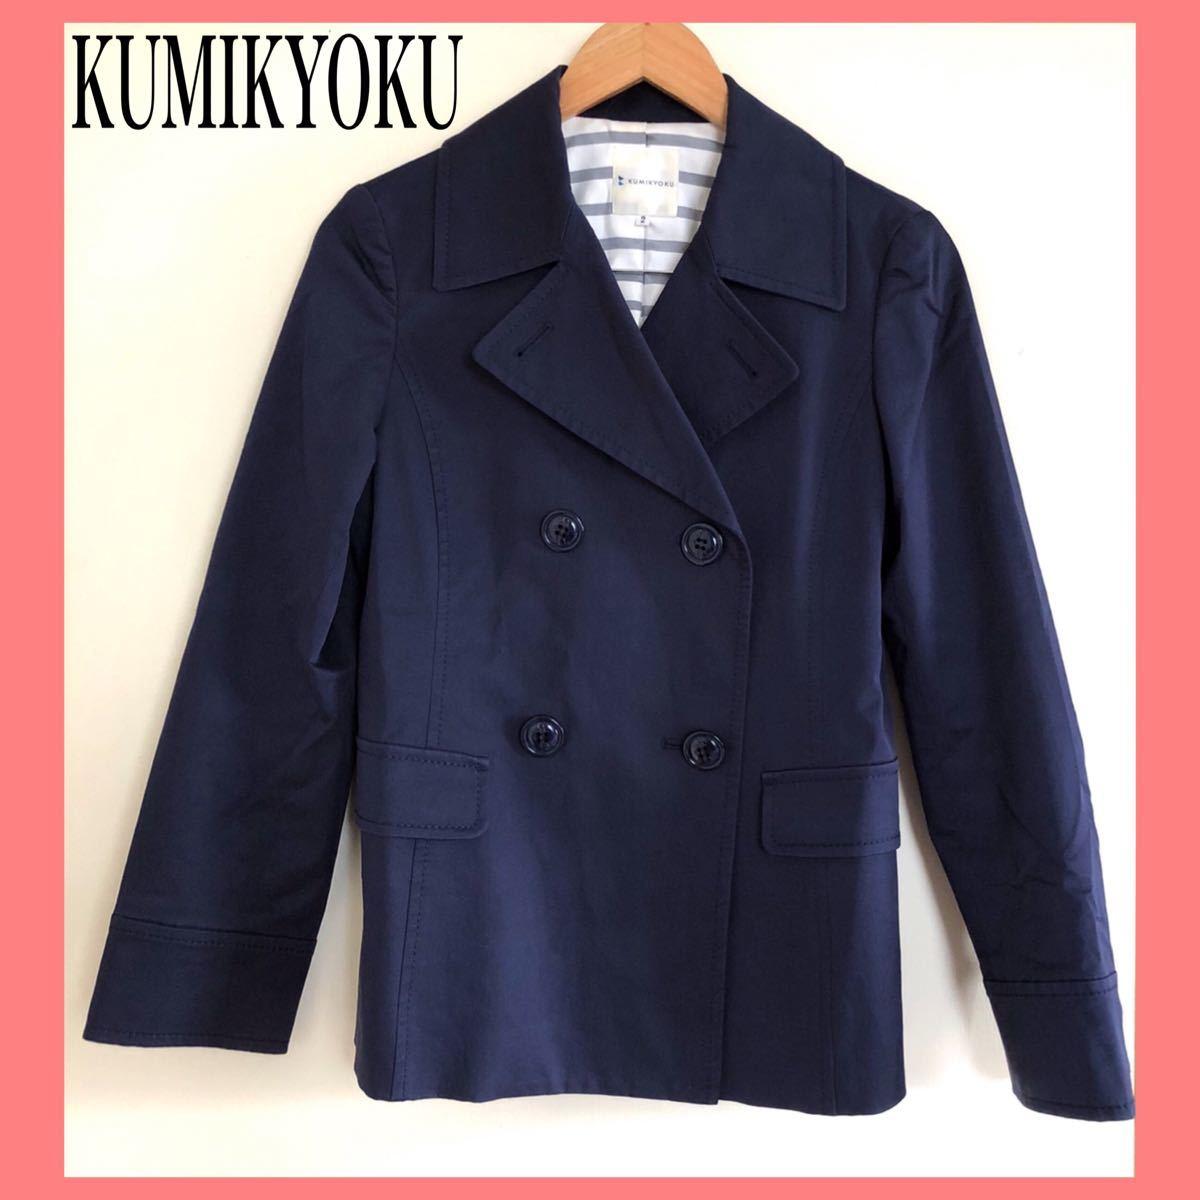 テーラードジャケット ダブルジャケット KUMIKYOKU サイズ2 美品